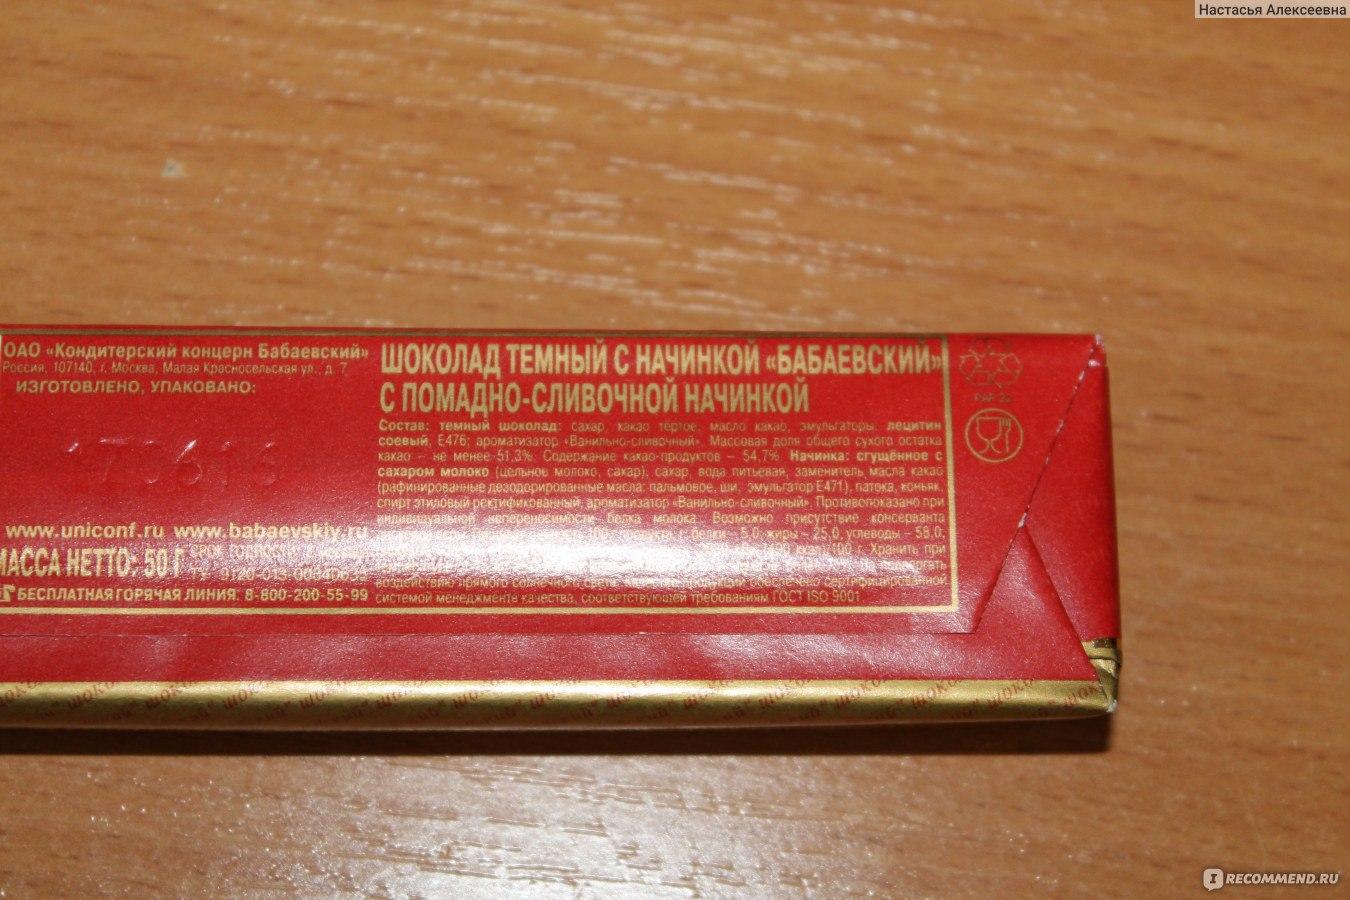 Шоколадный батончик бабаевский калорийность